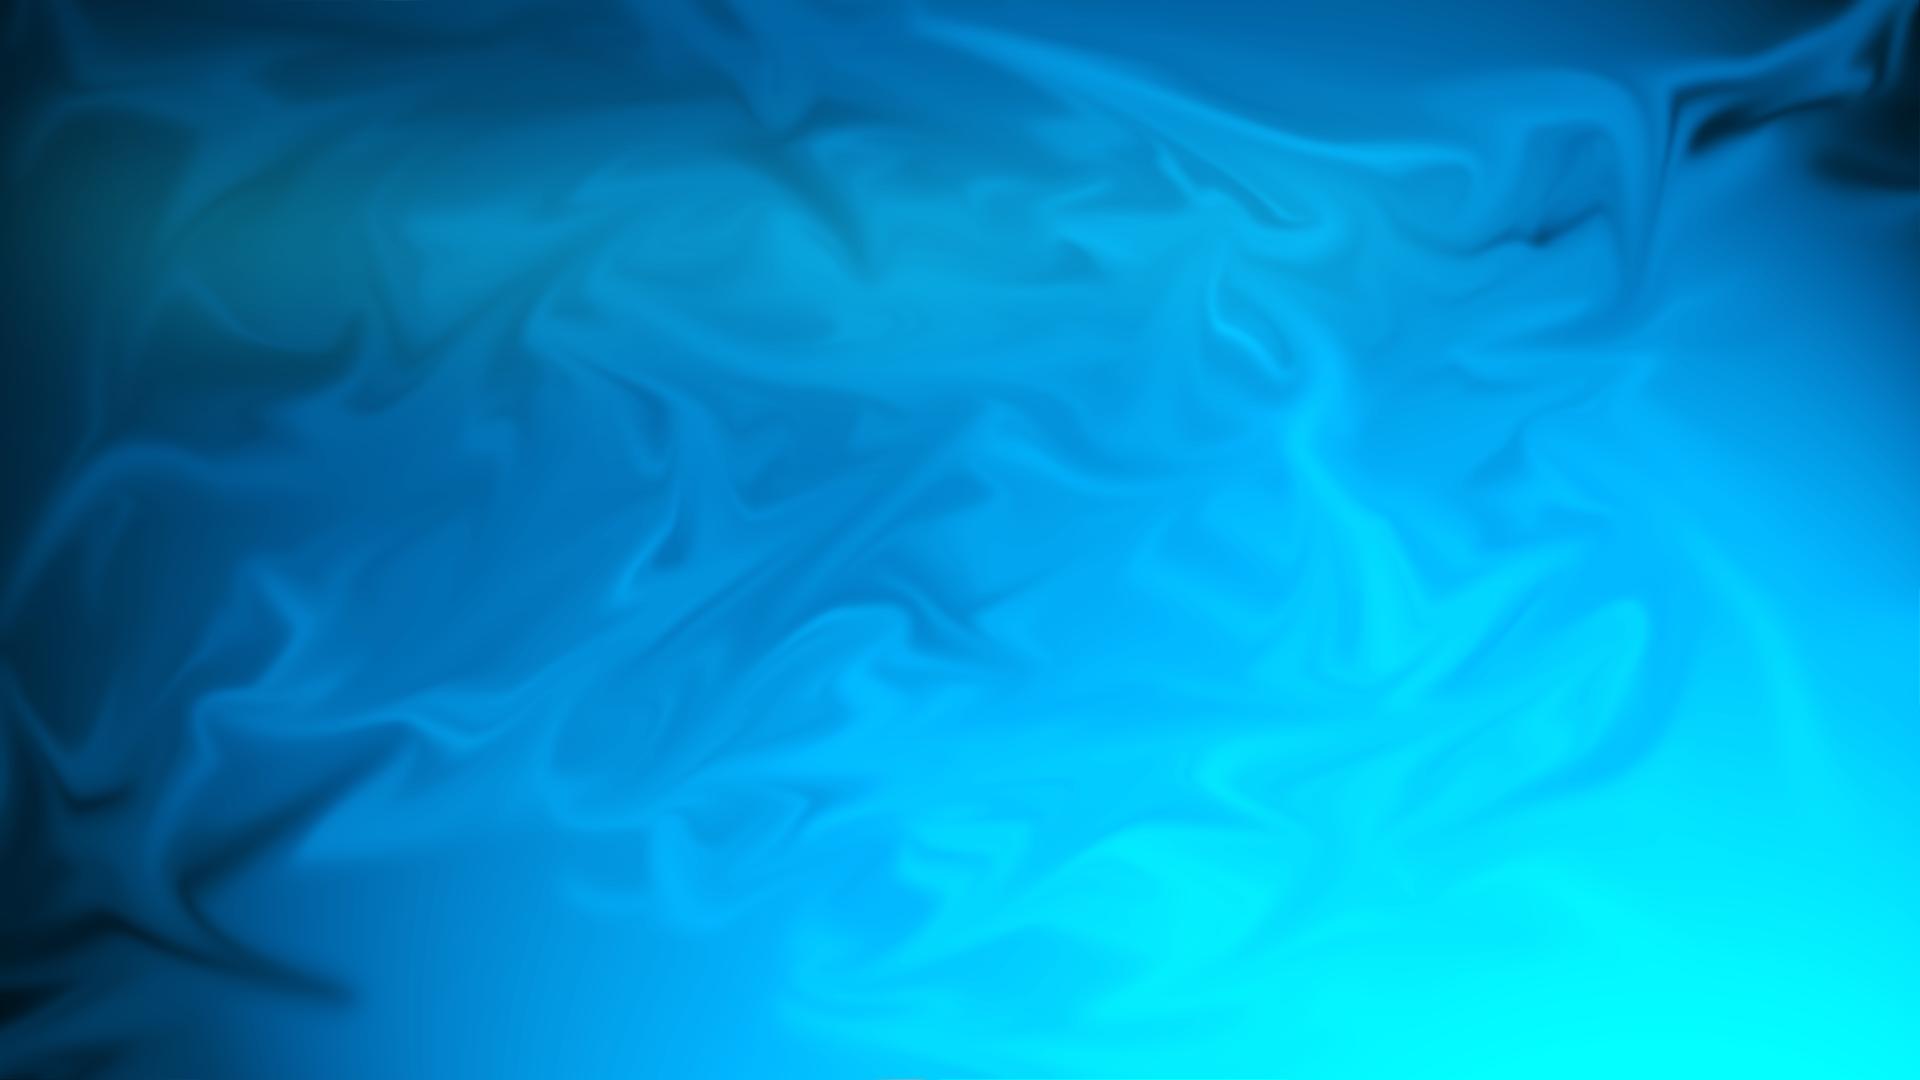 Le Geste Bleu